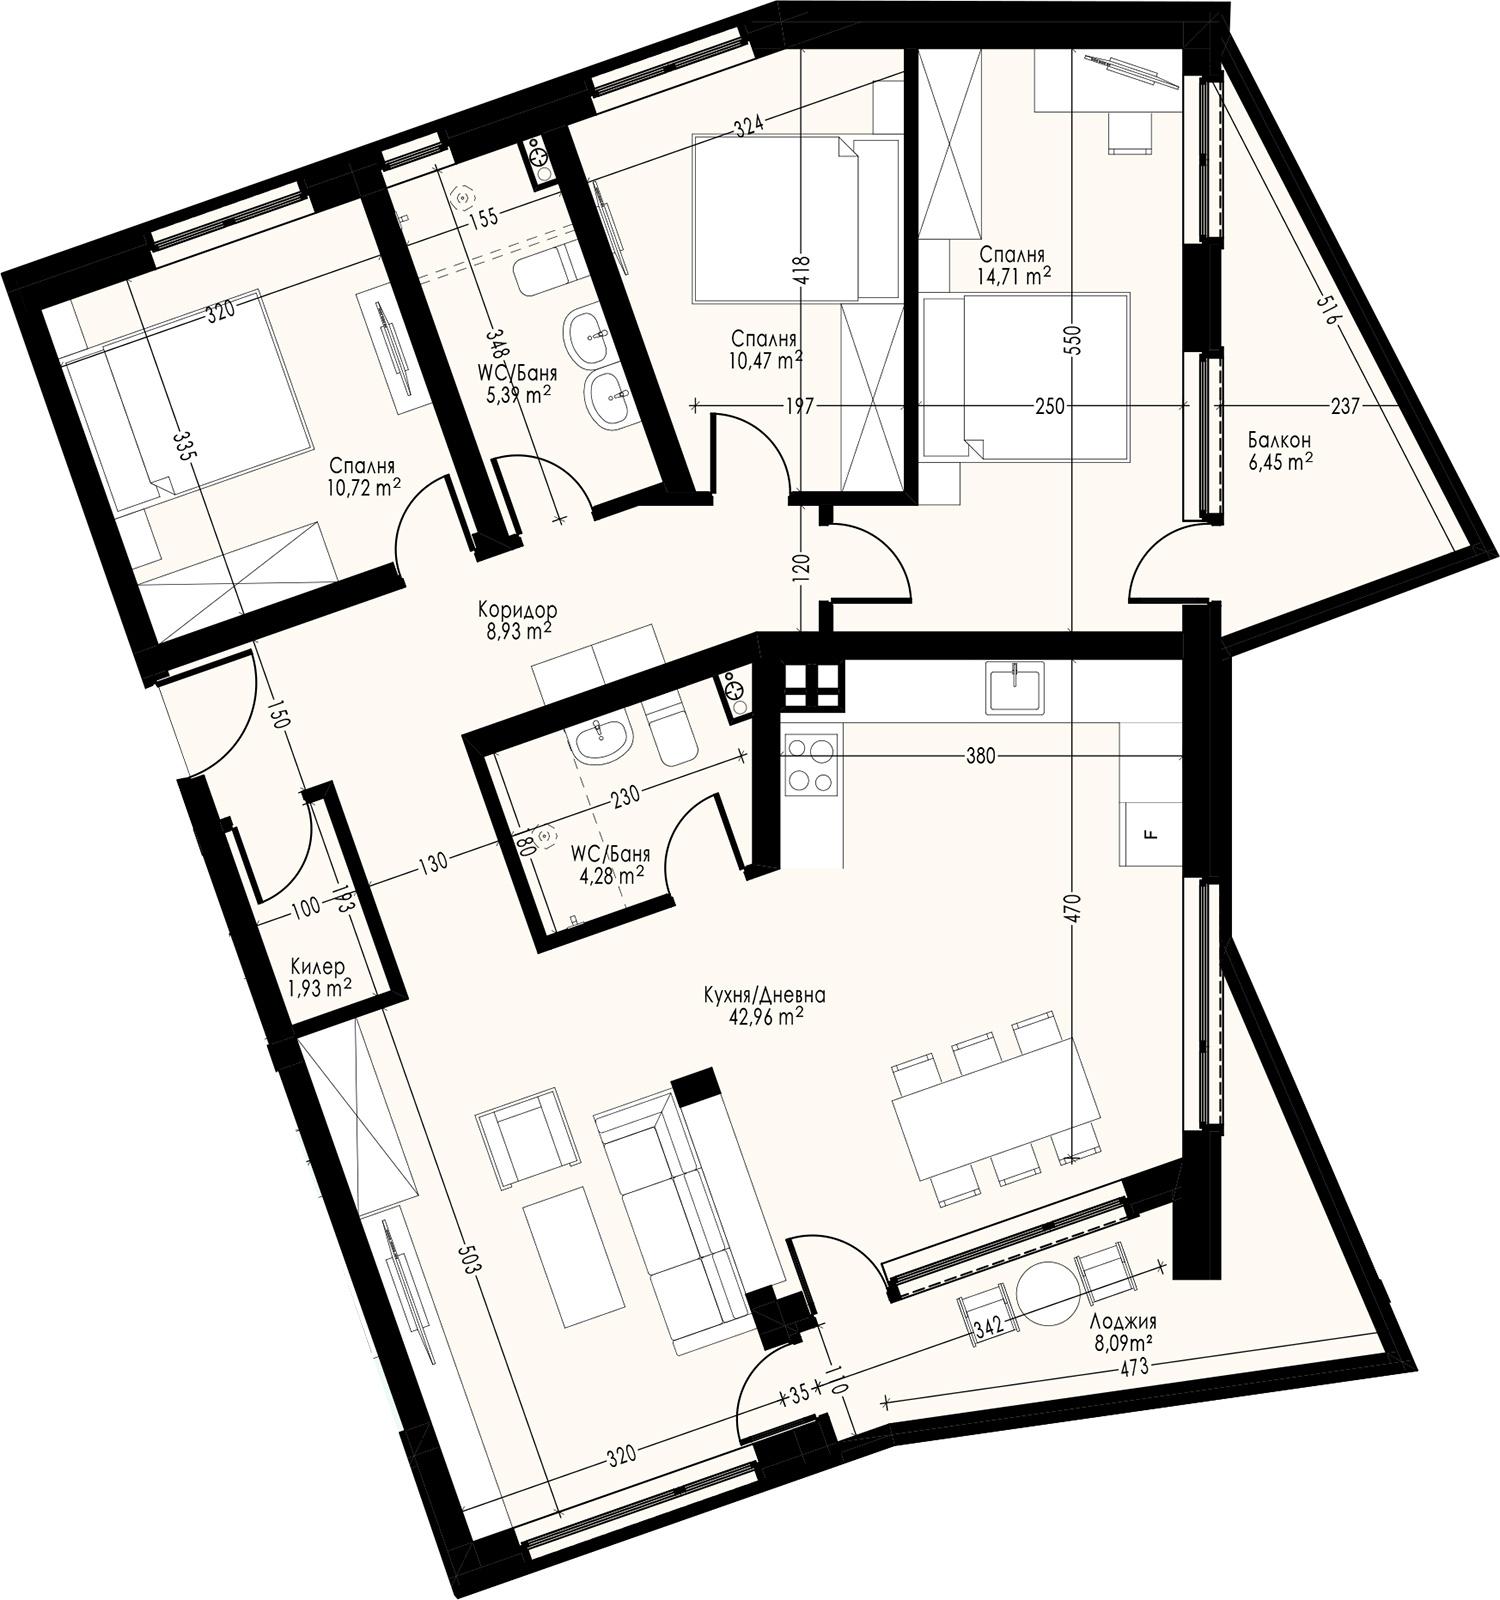 Офис (апартамент) 3